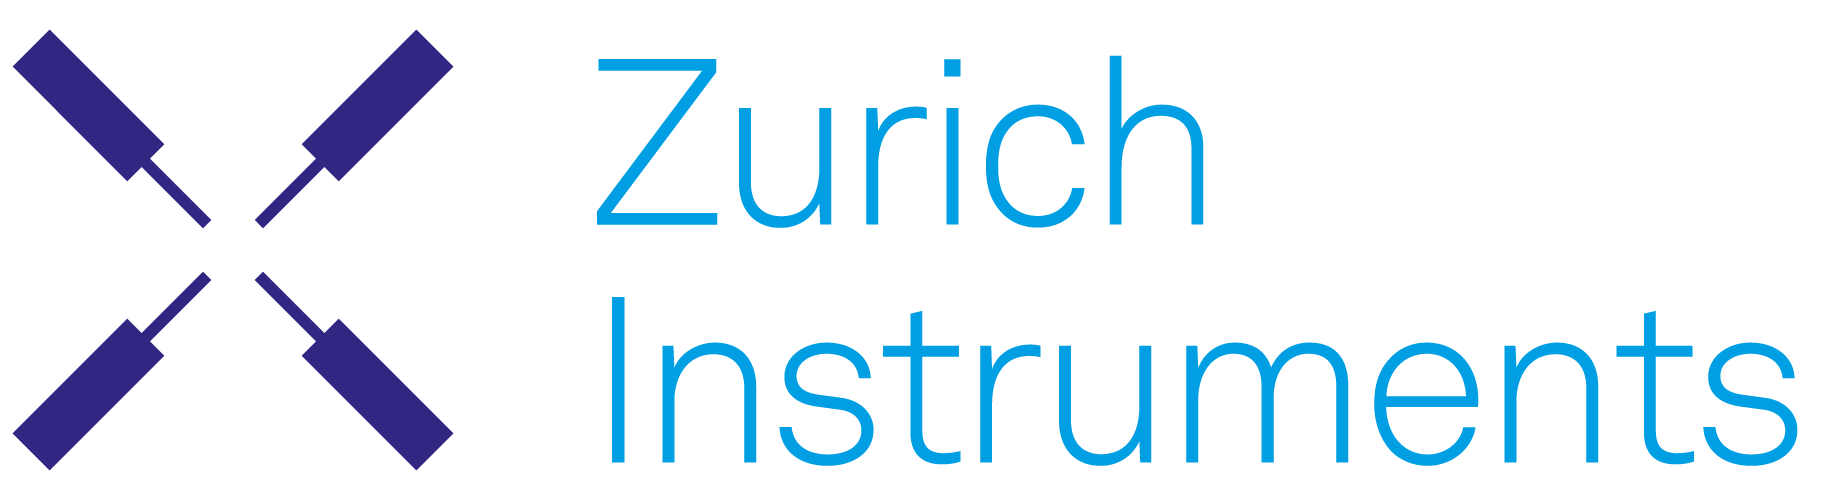 Zurich Instruments logo